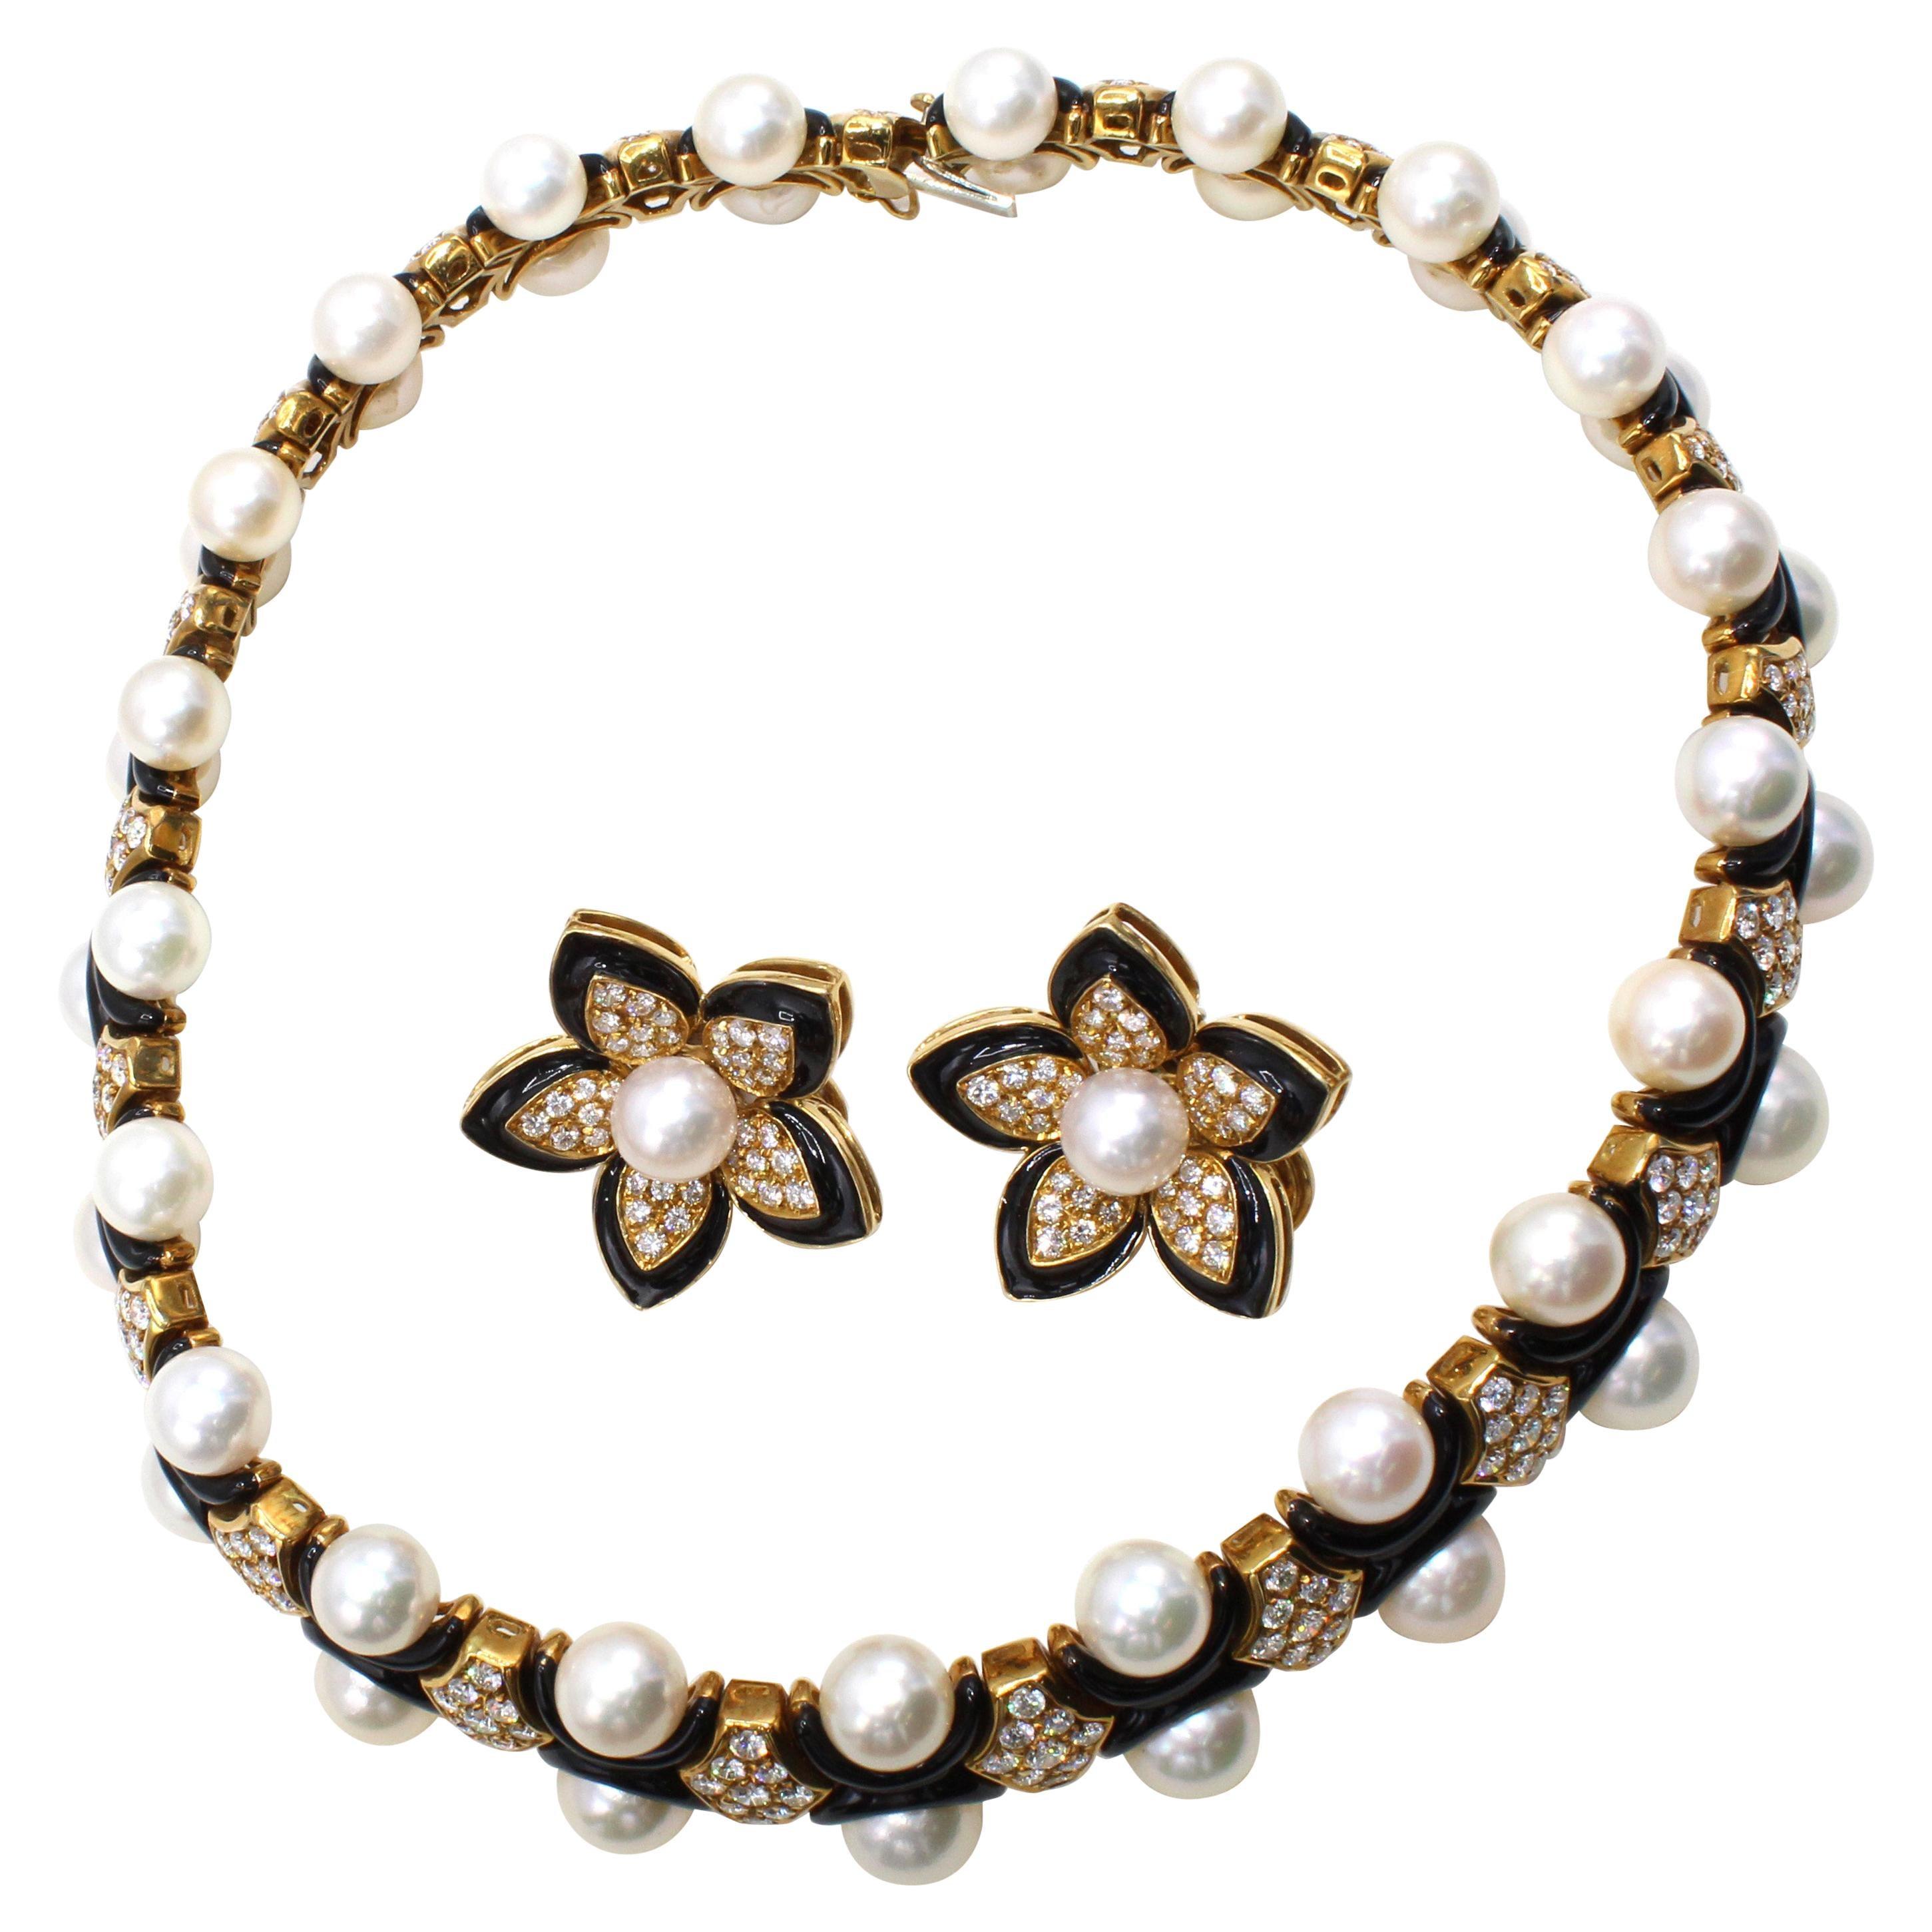 1980s Diamond Pearl Enamel 18 Karat Gold Choker Necklace Earring Set